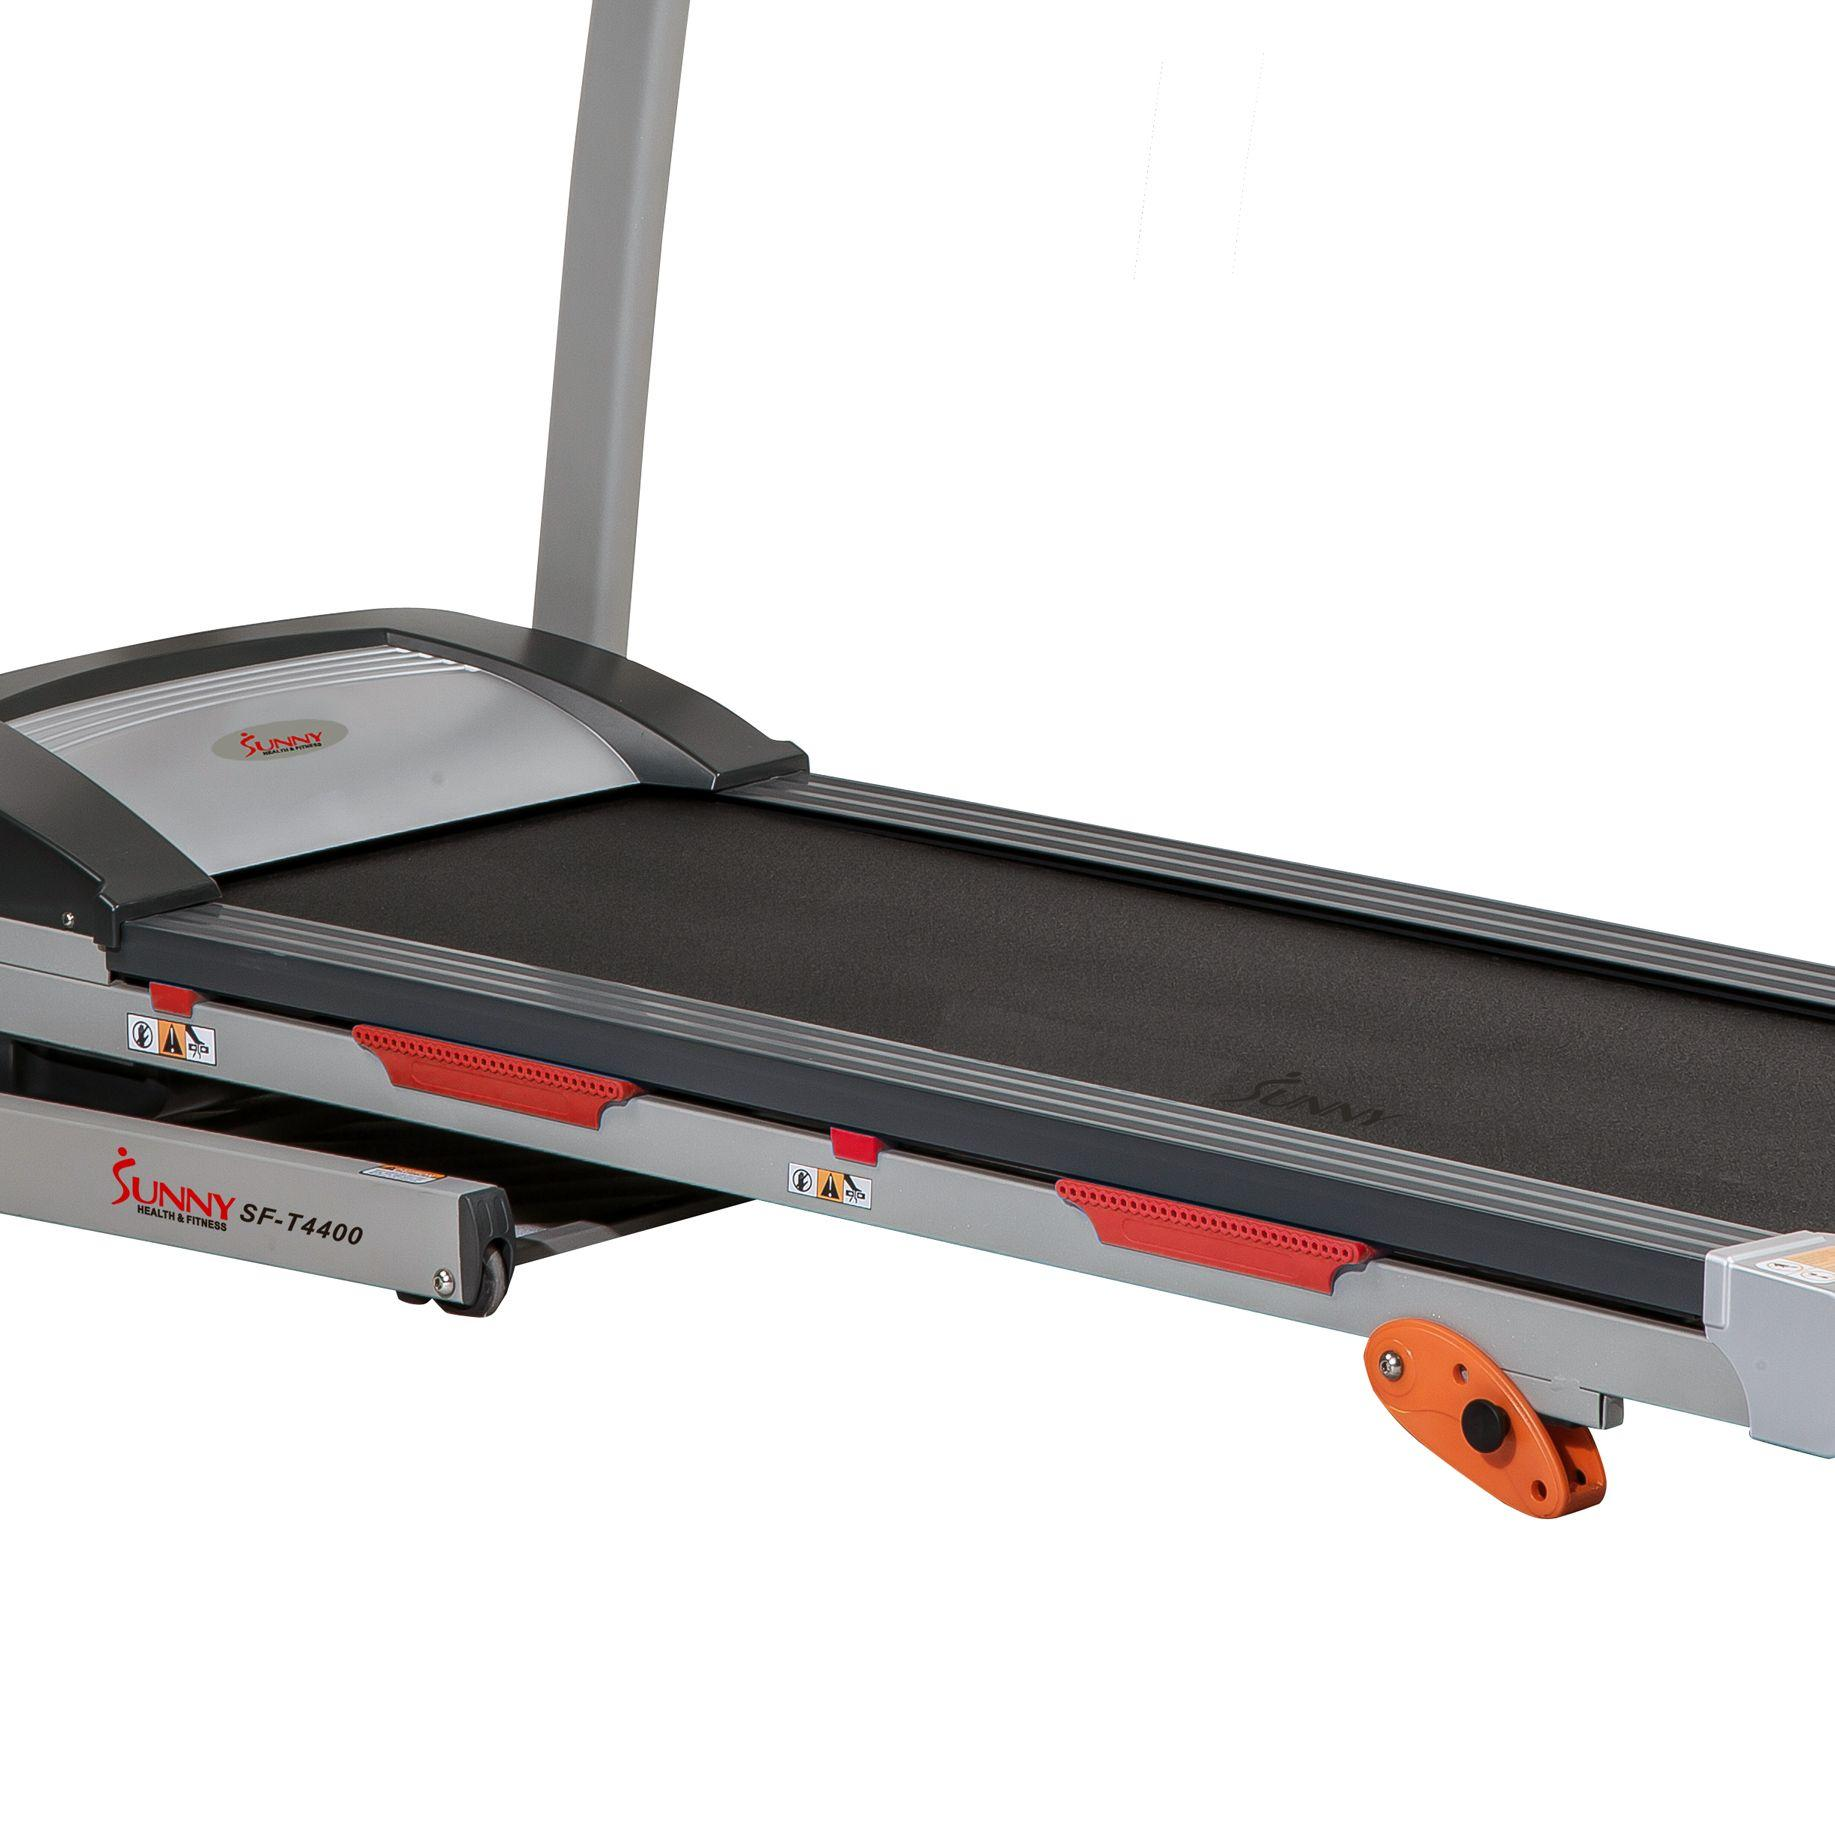 Horizon Fitness Treadmill Paragon Iii Hrc: Amazon.com : Sunny Health & Fitness Treadmill Folding